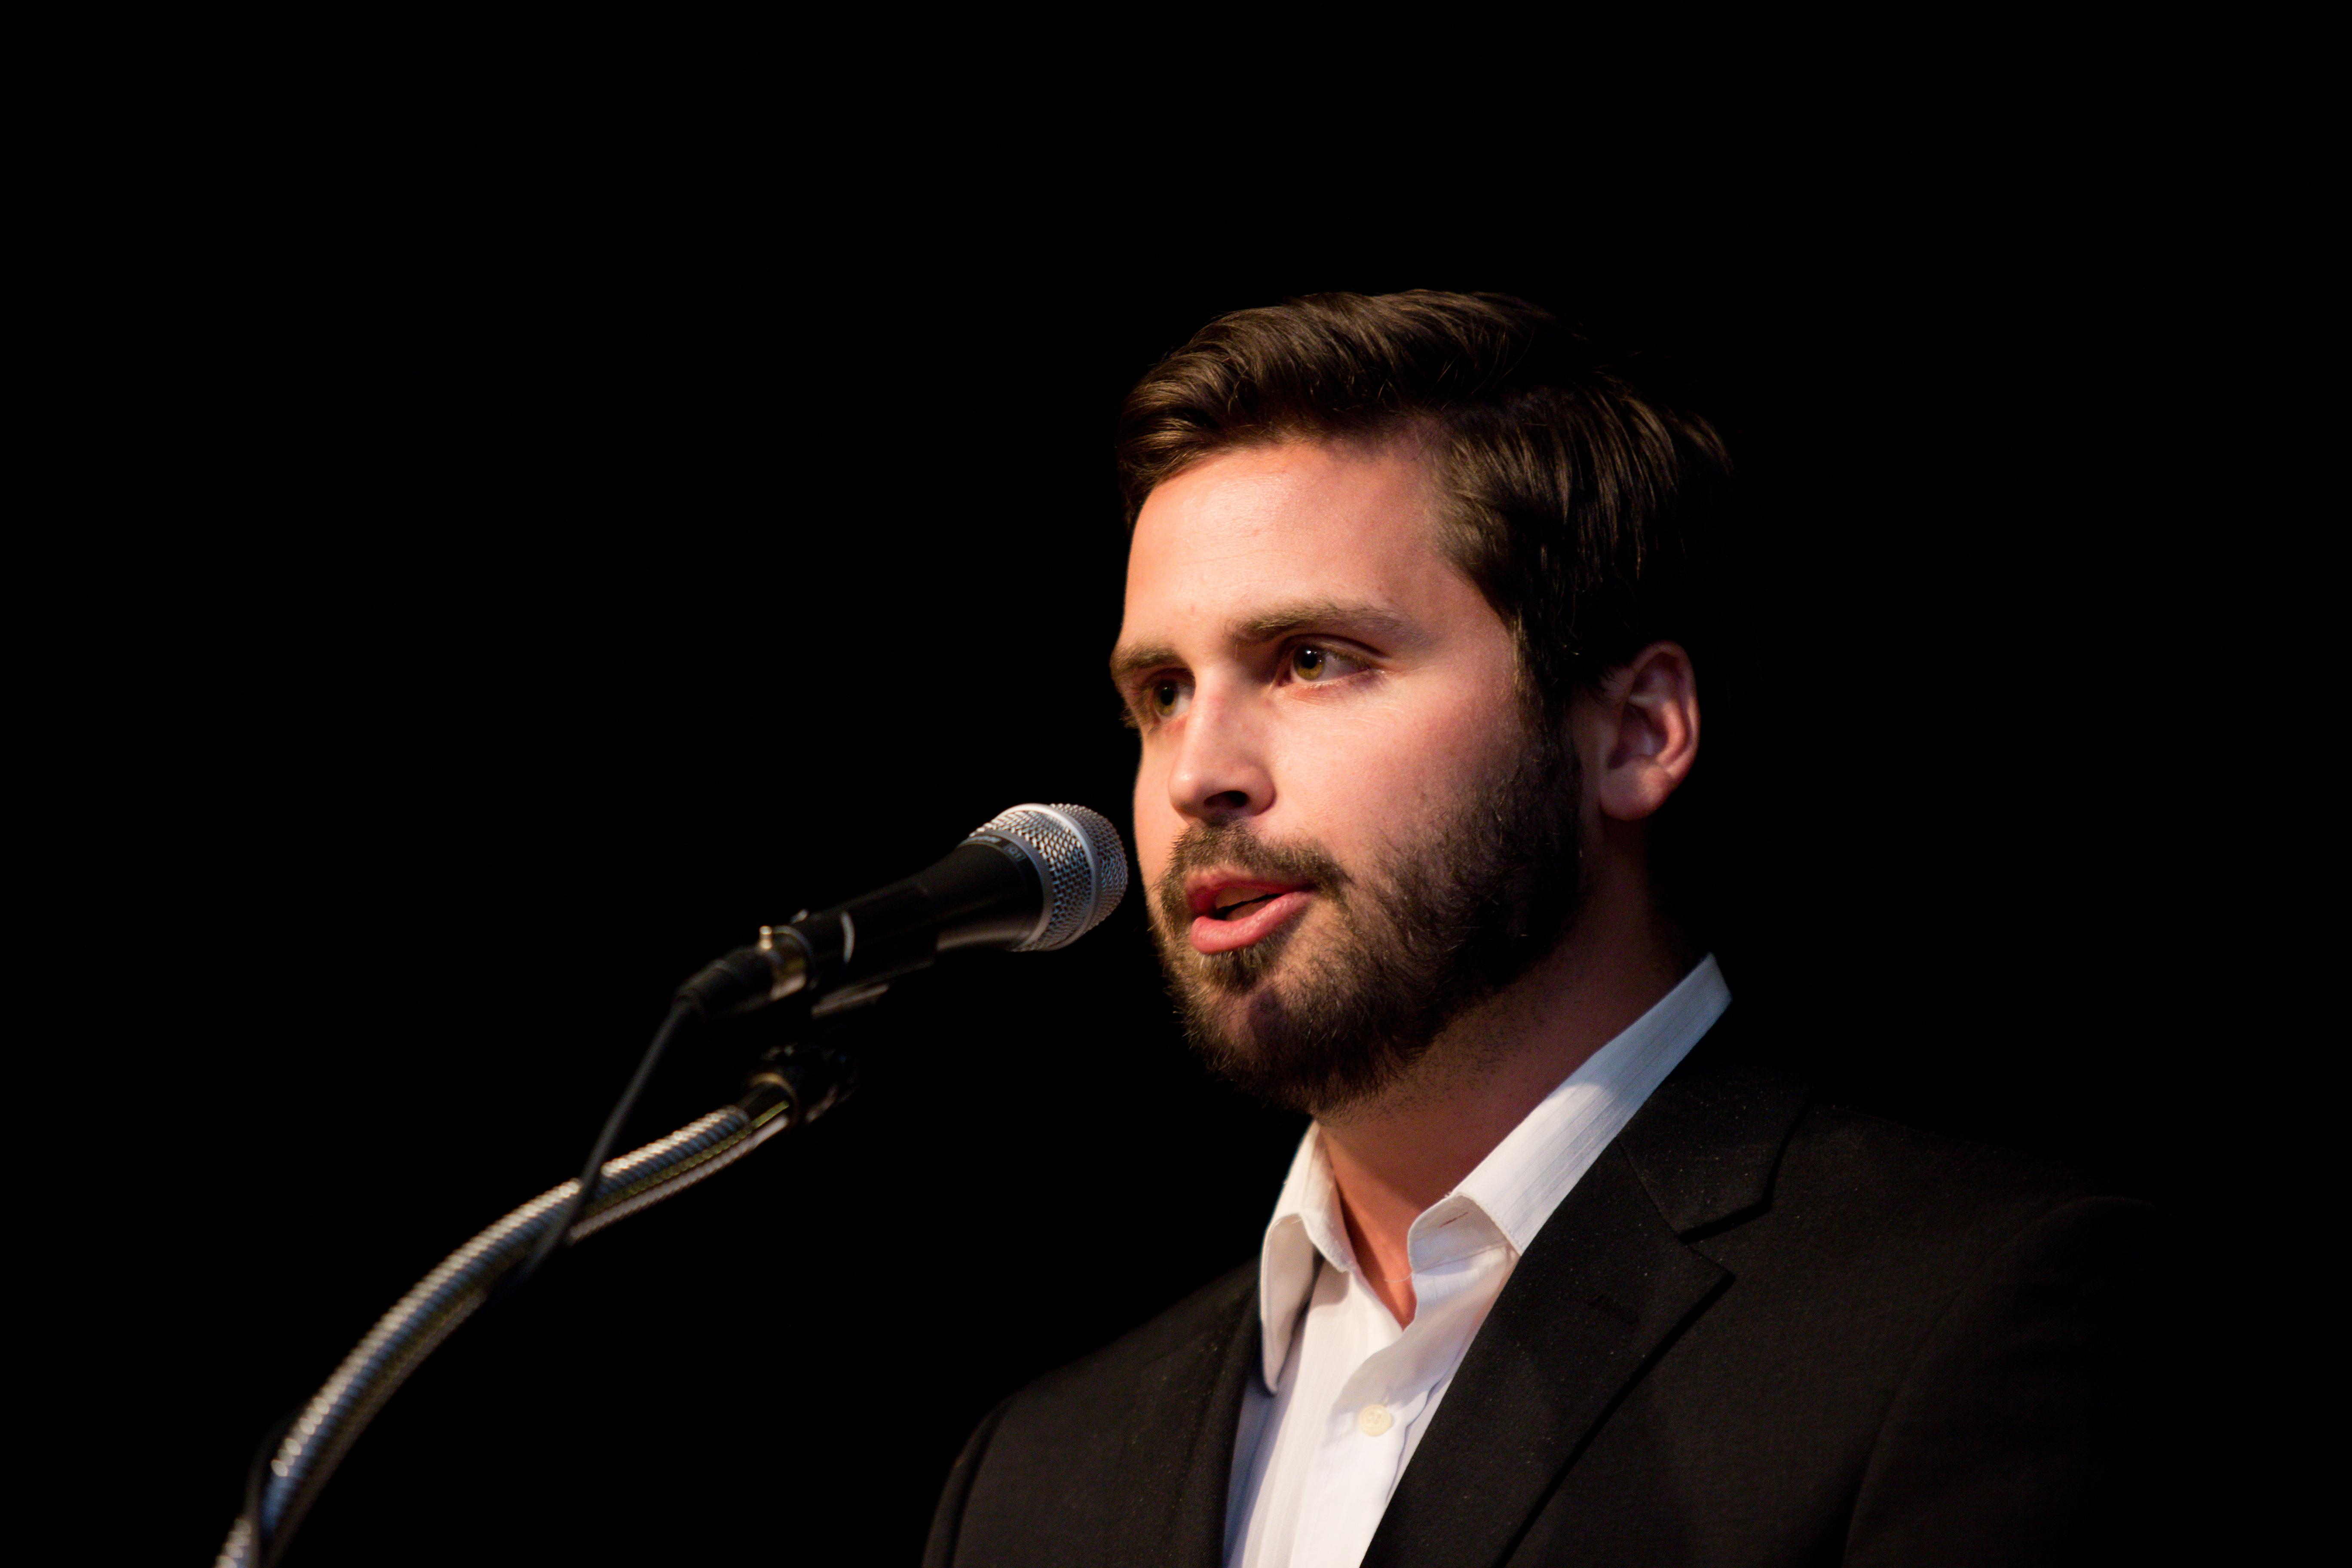 Jared Barnabe